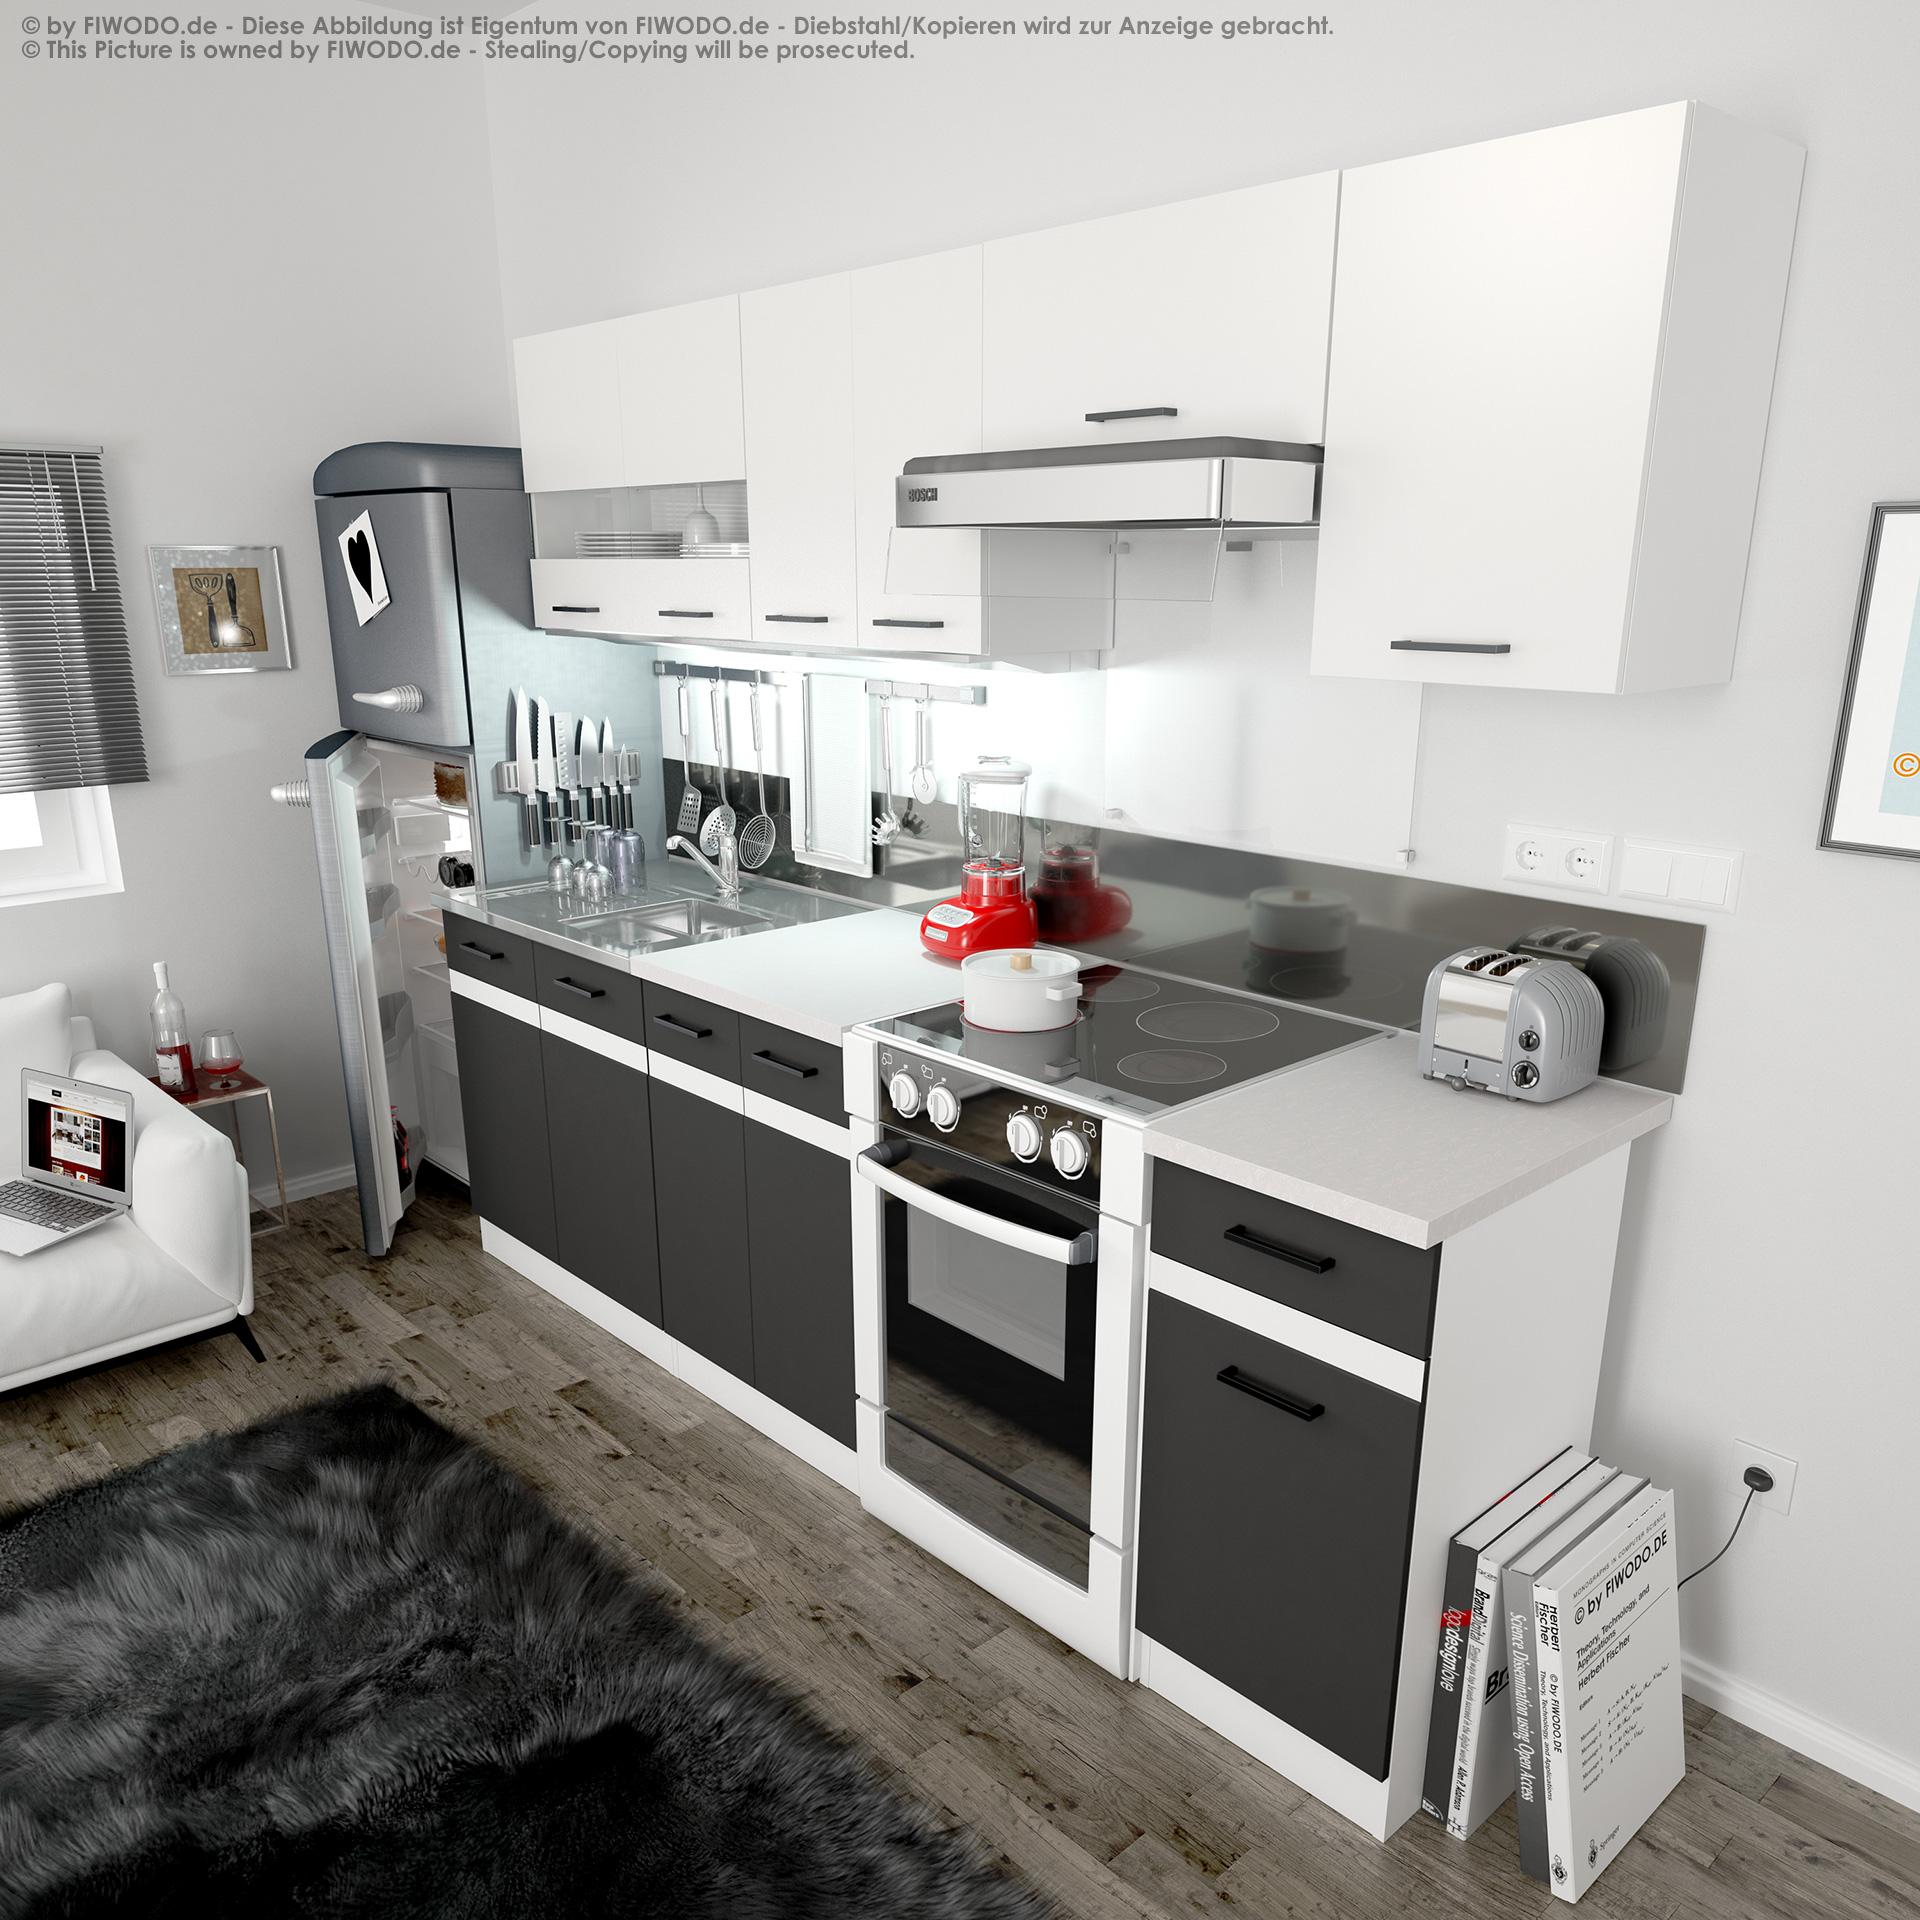 Groß Schränke Küche Farben Zeitgenössisch - Ideen Für Die Küche ...